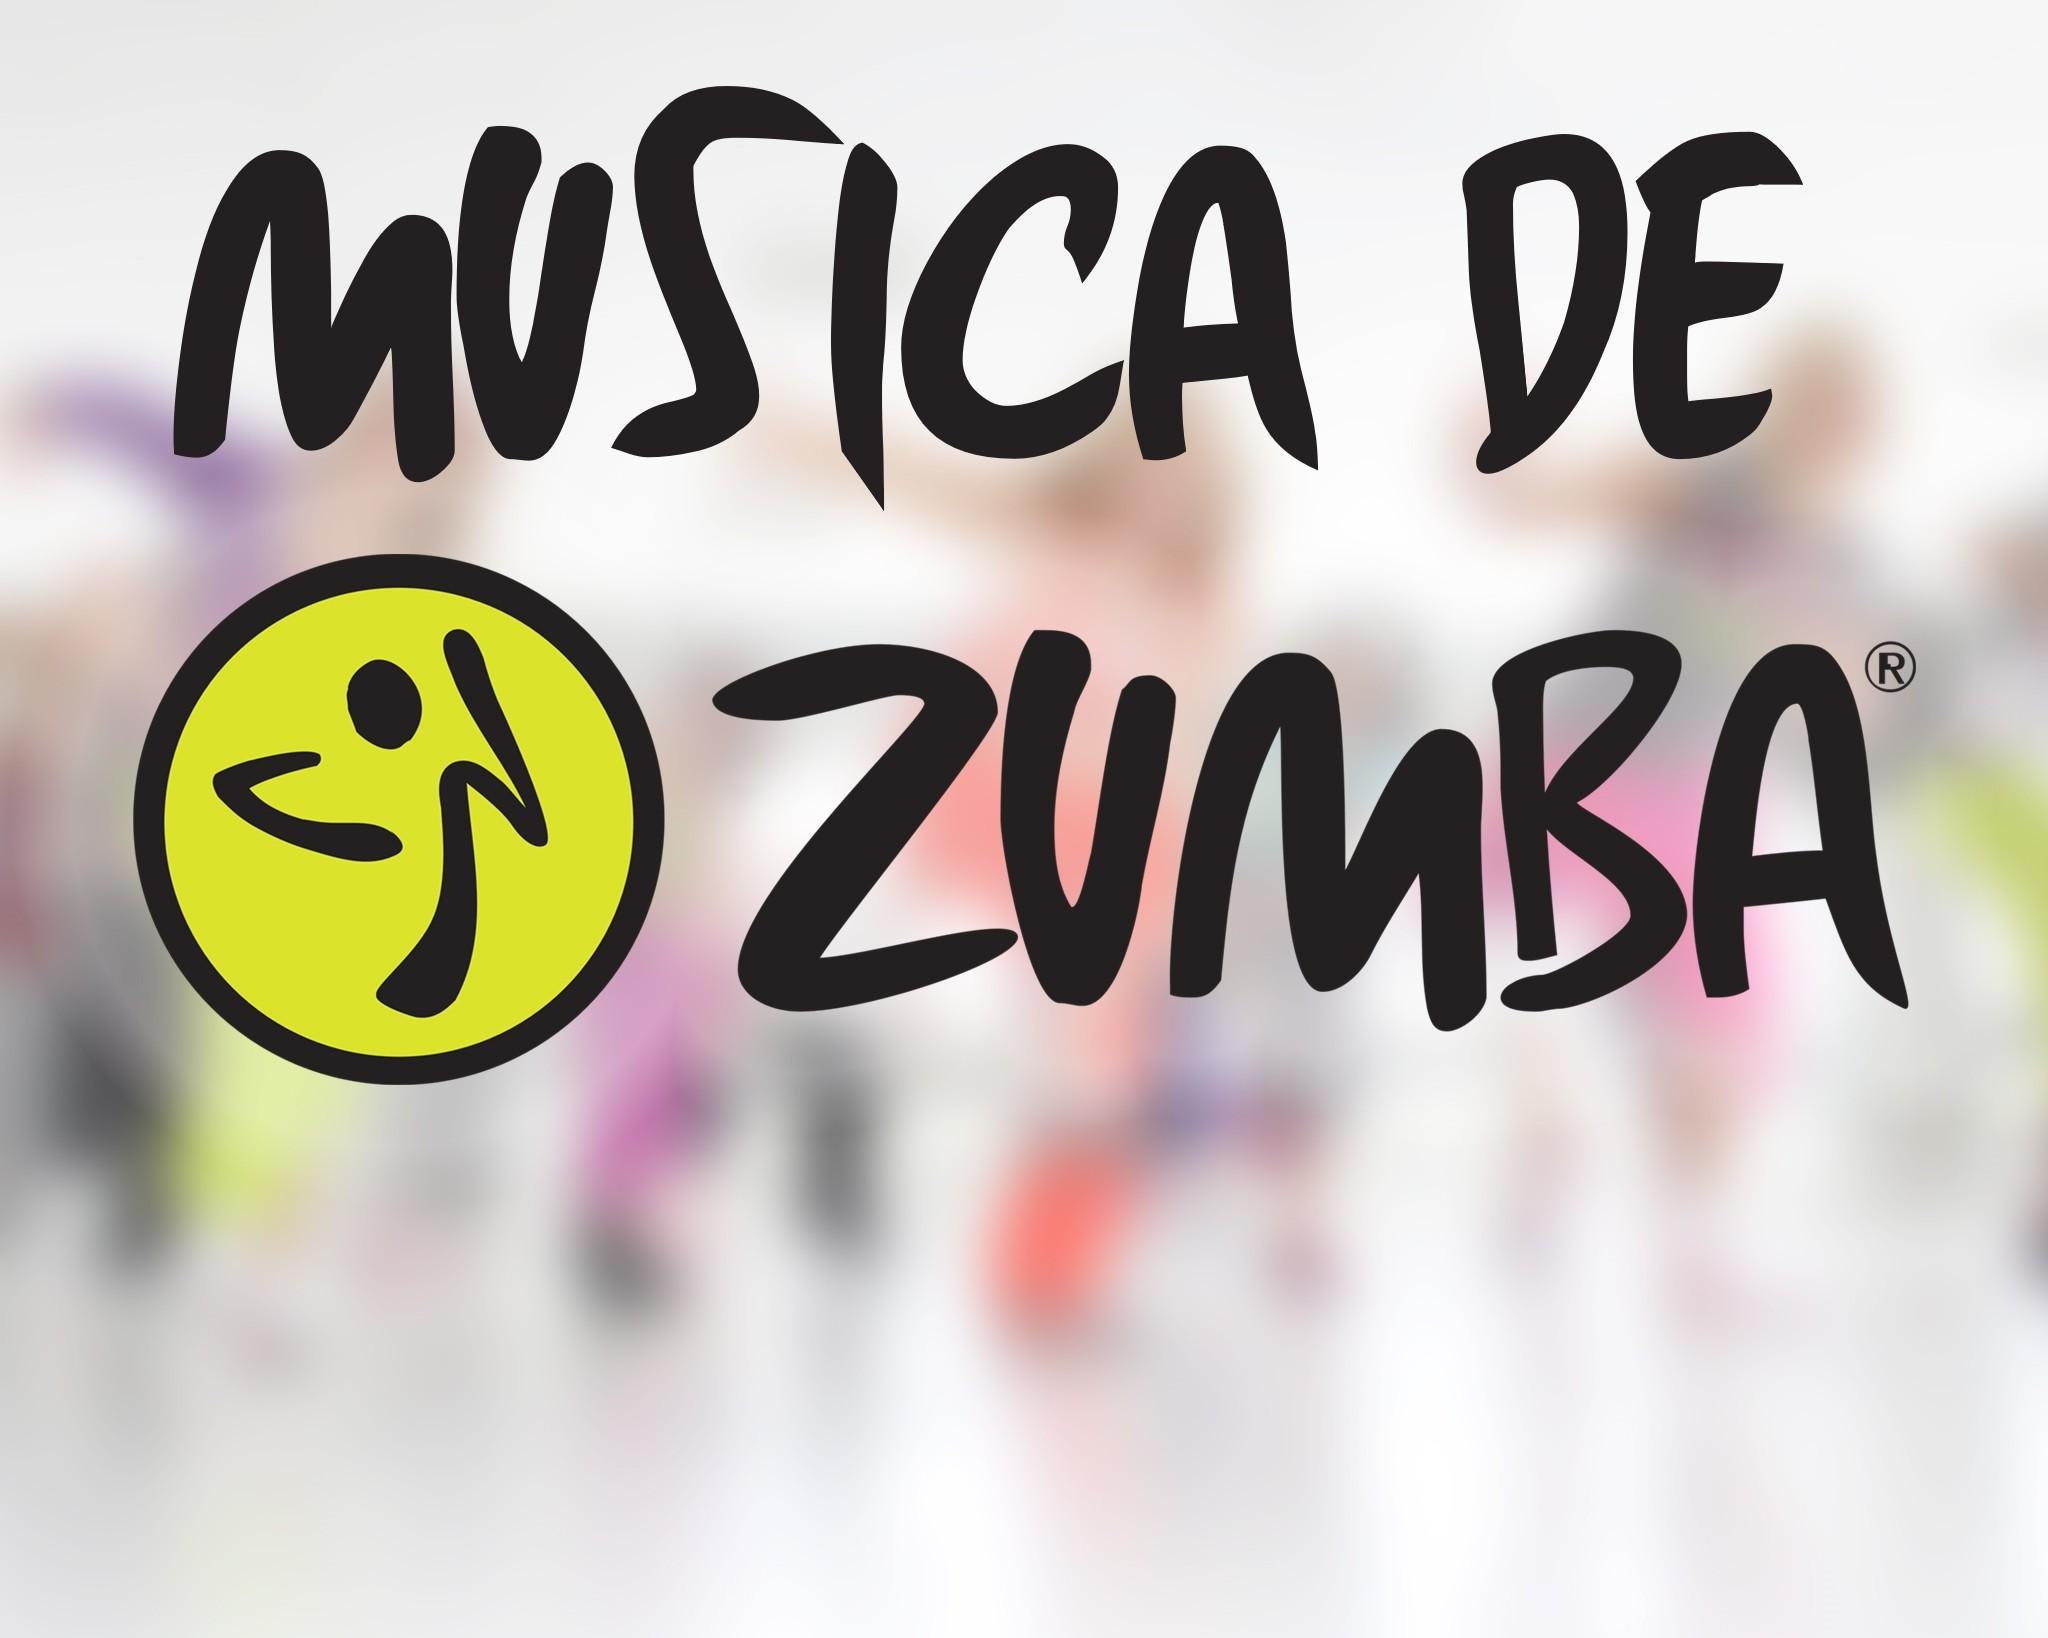 MUSICA DE ZUMBA